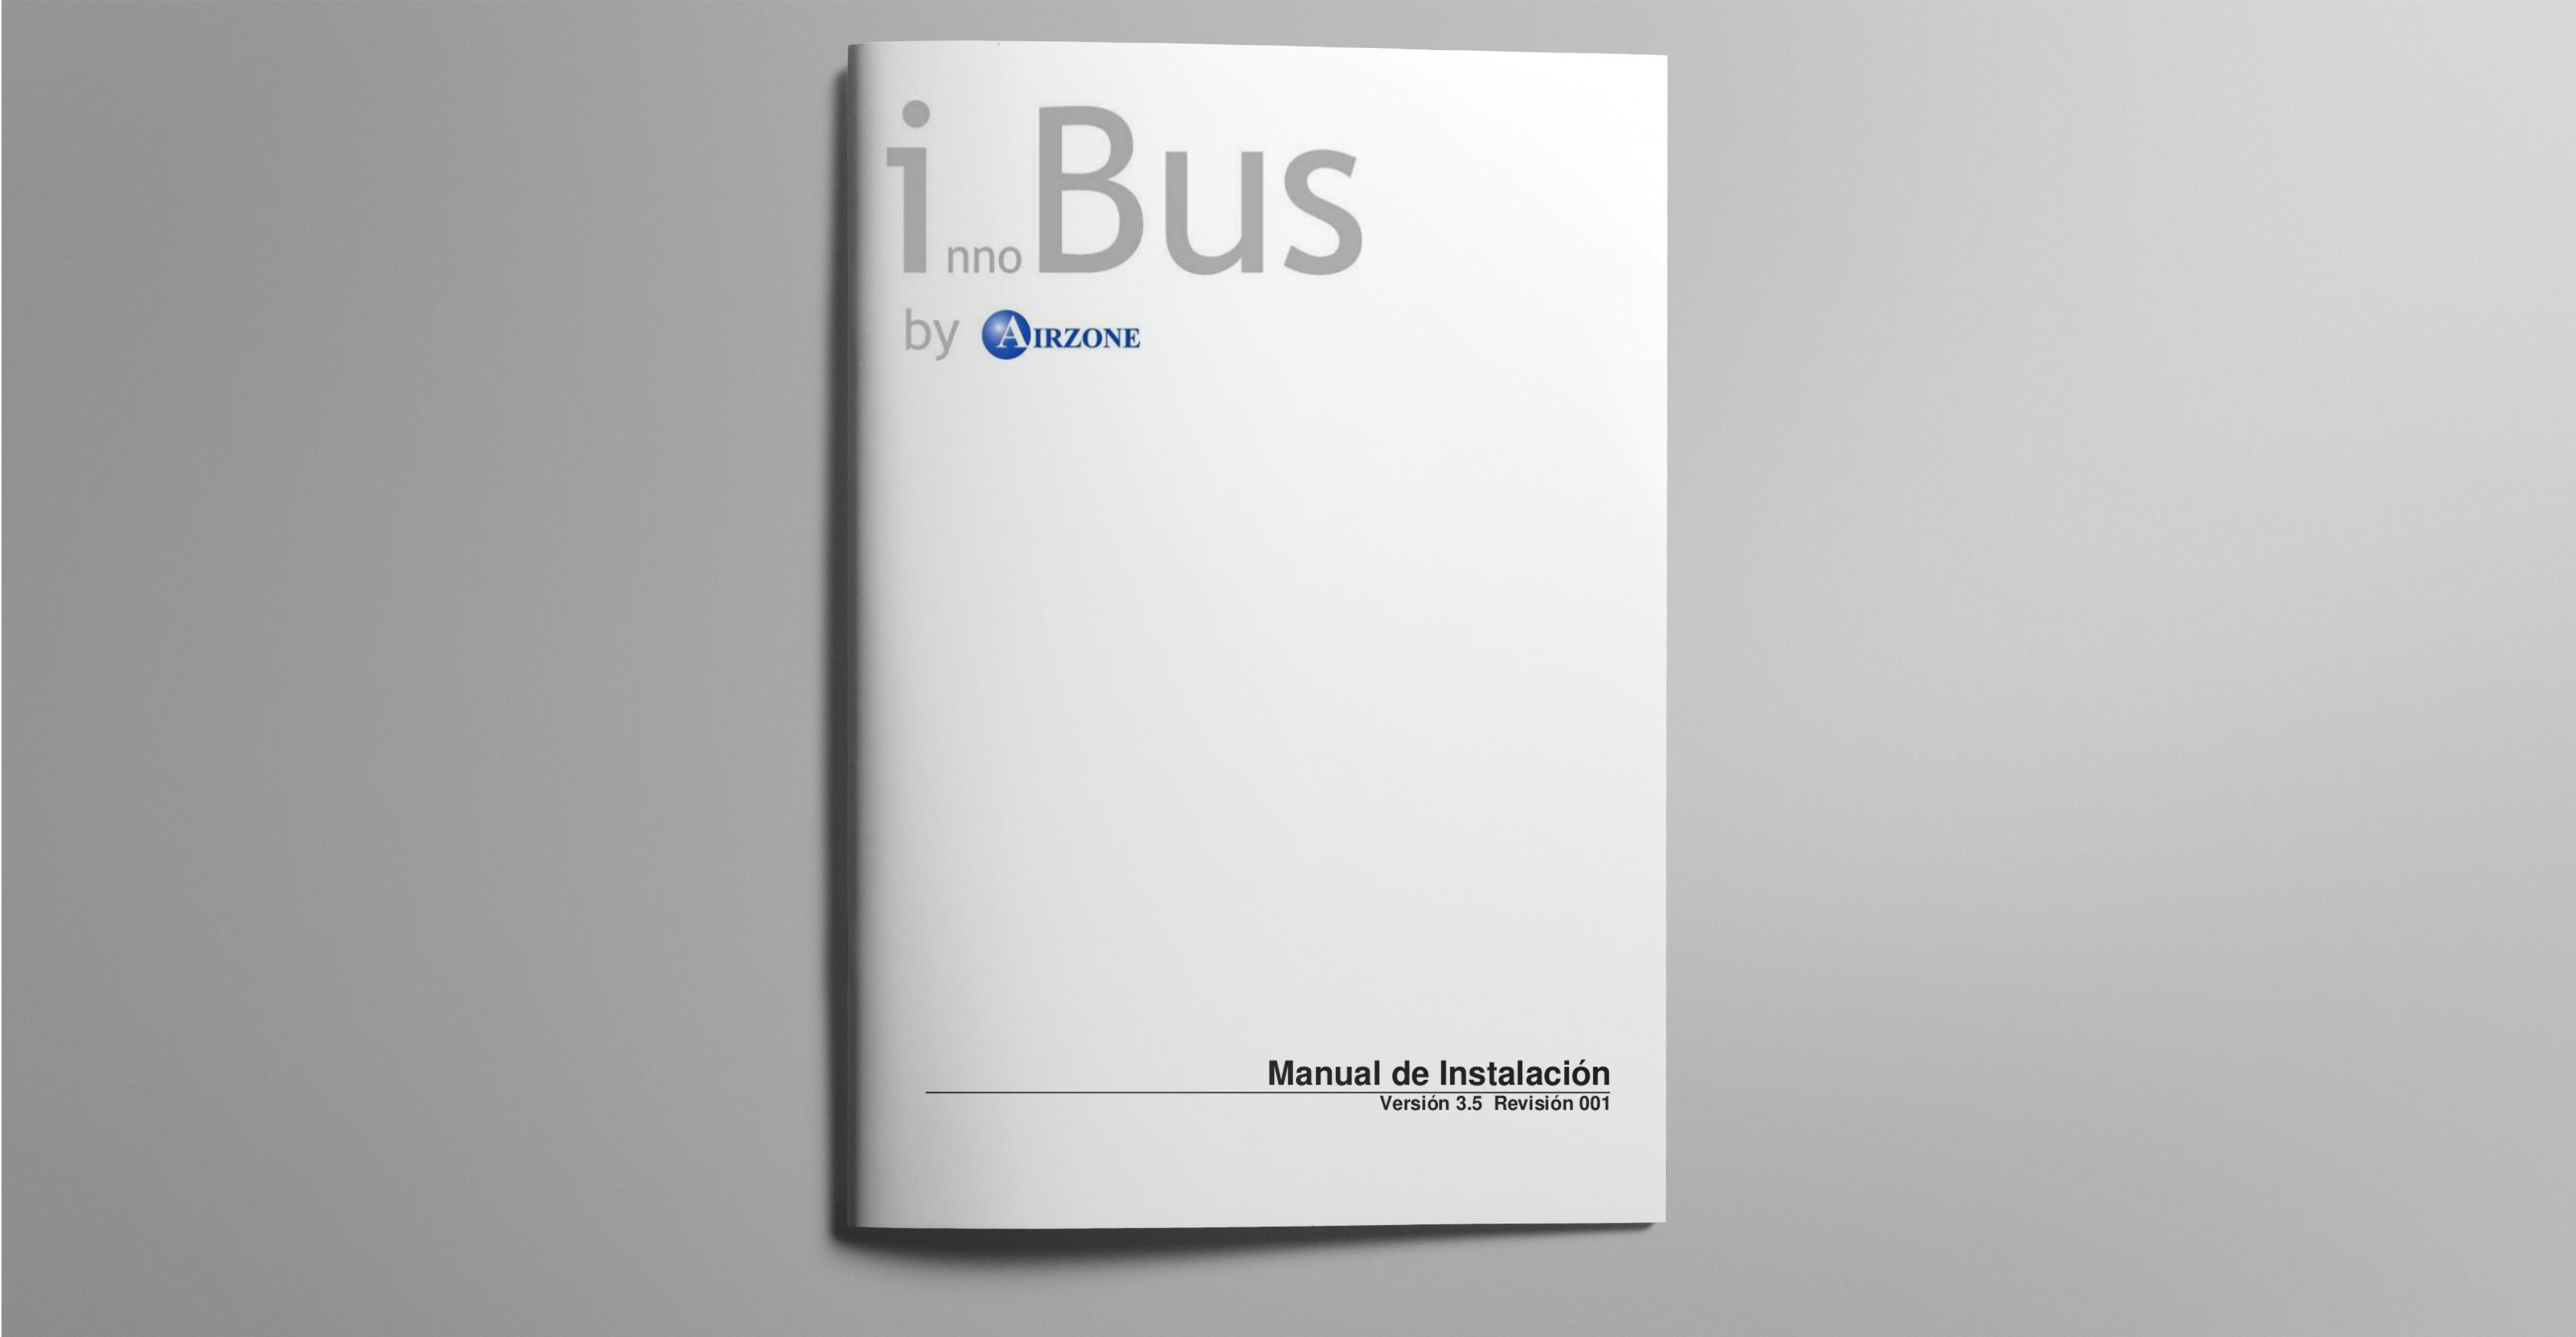 Manual de instalación innobus (2005-2011)